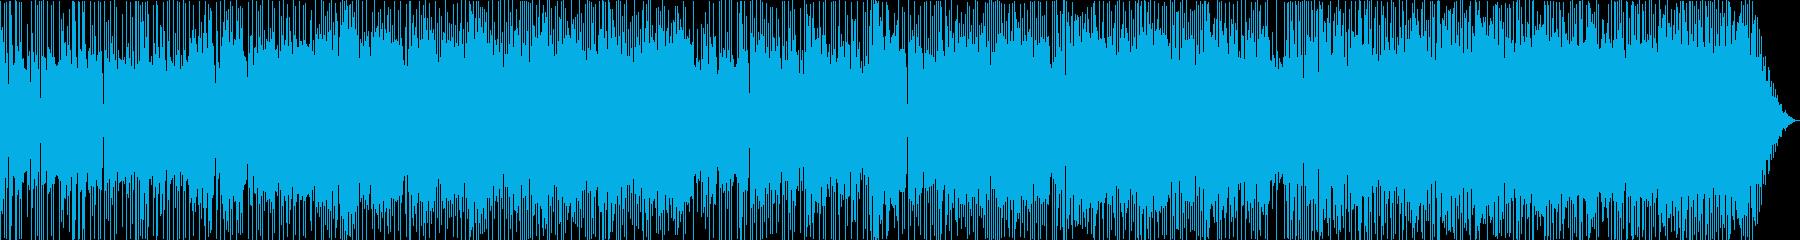 英詞60年代UKクラシックロック風の再生済みの波形